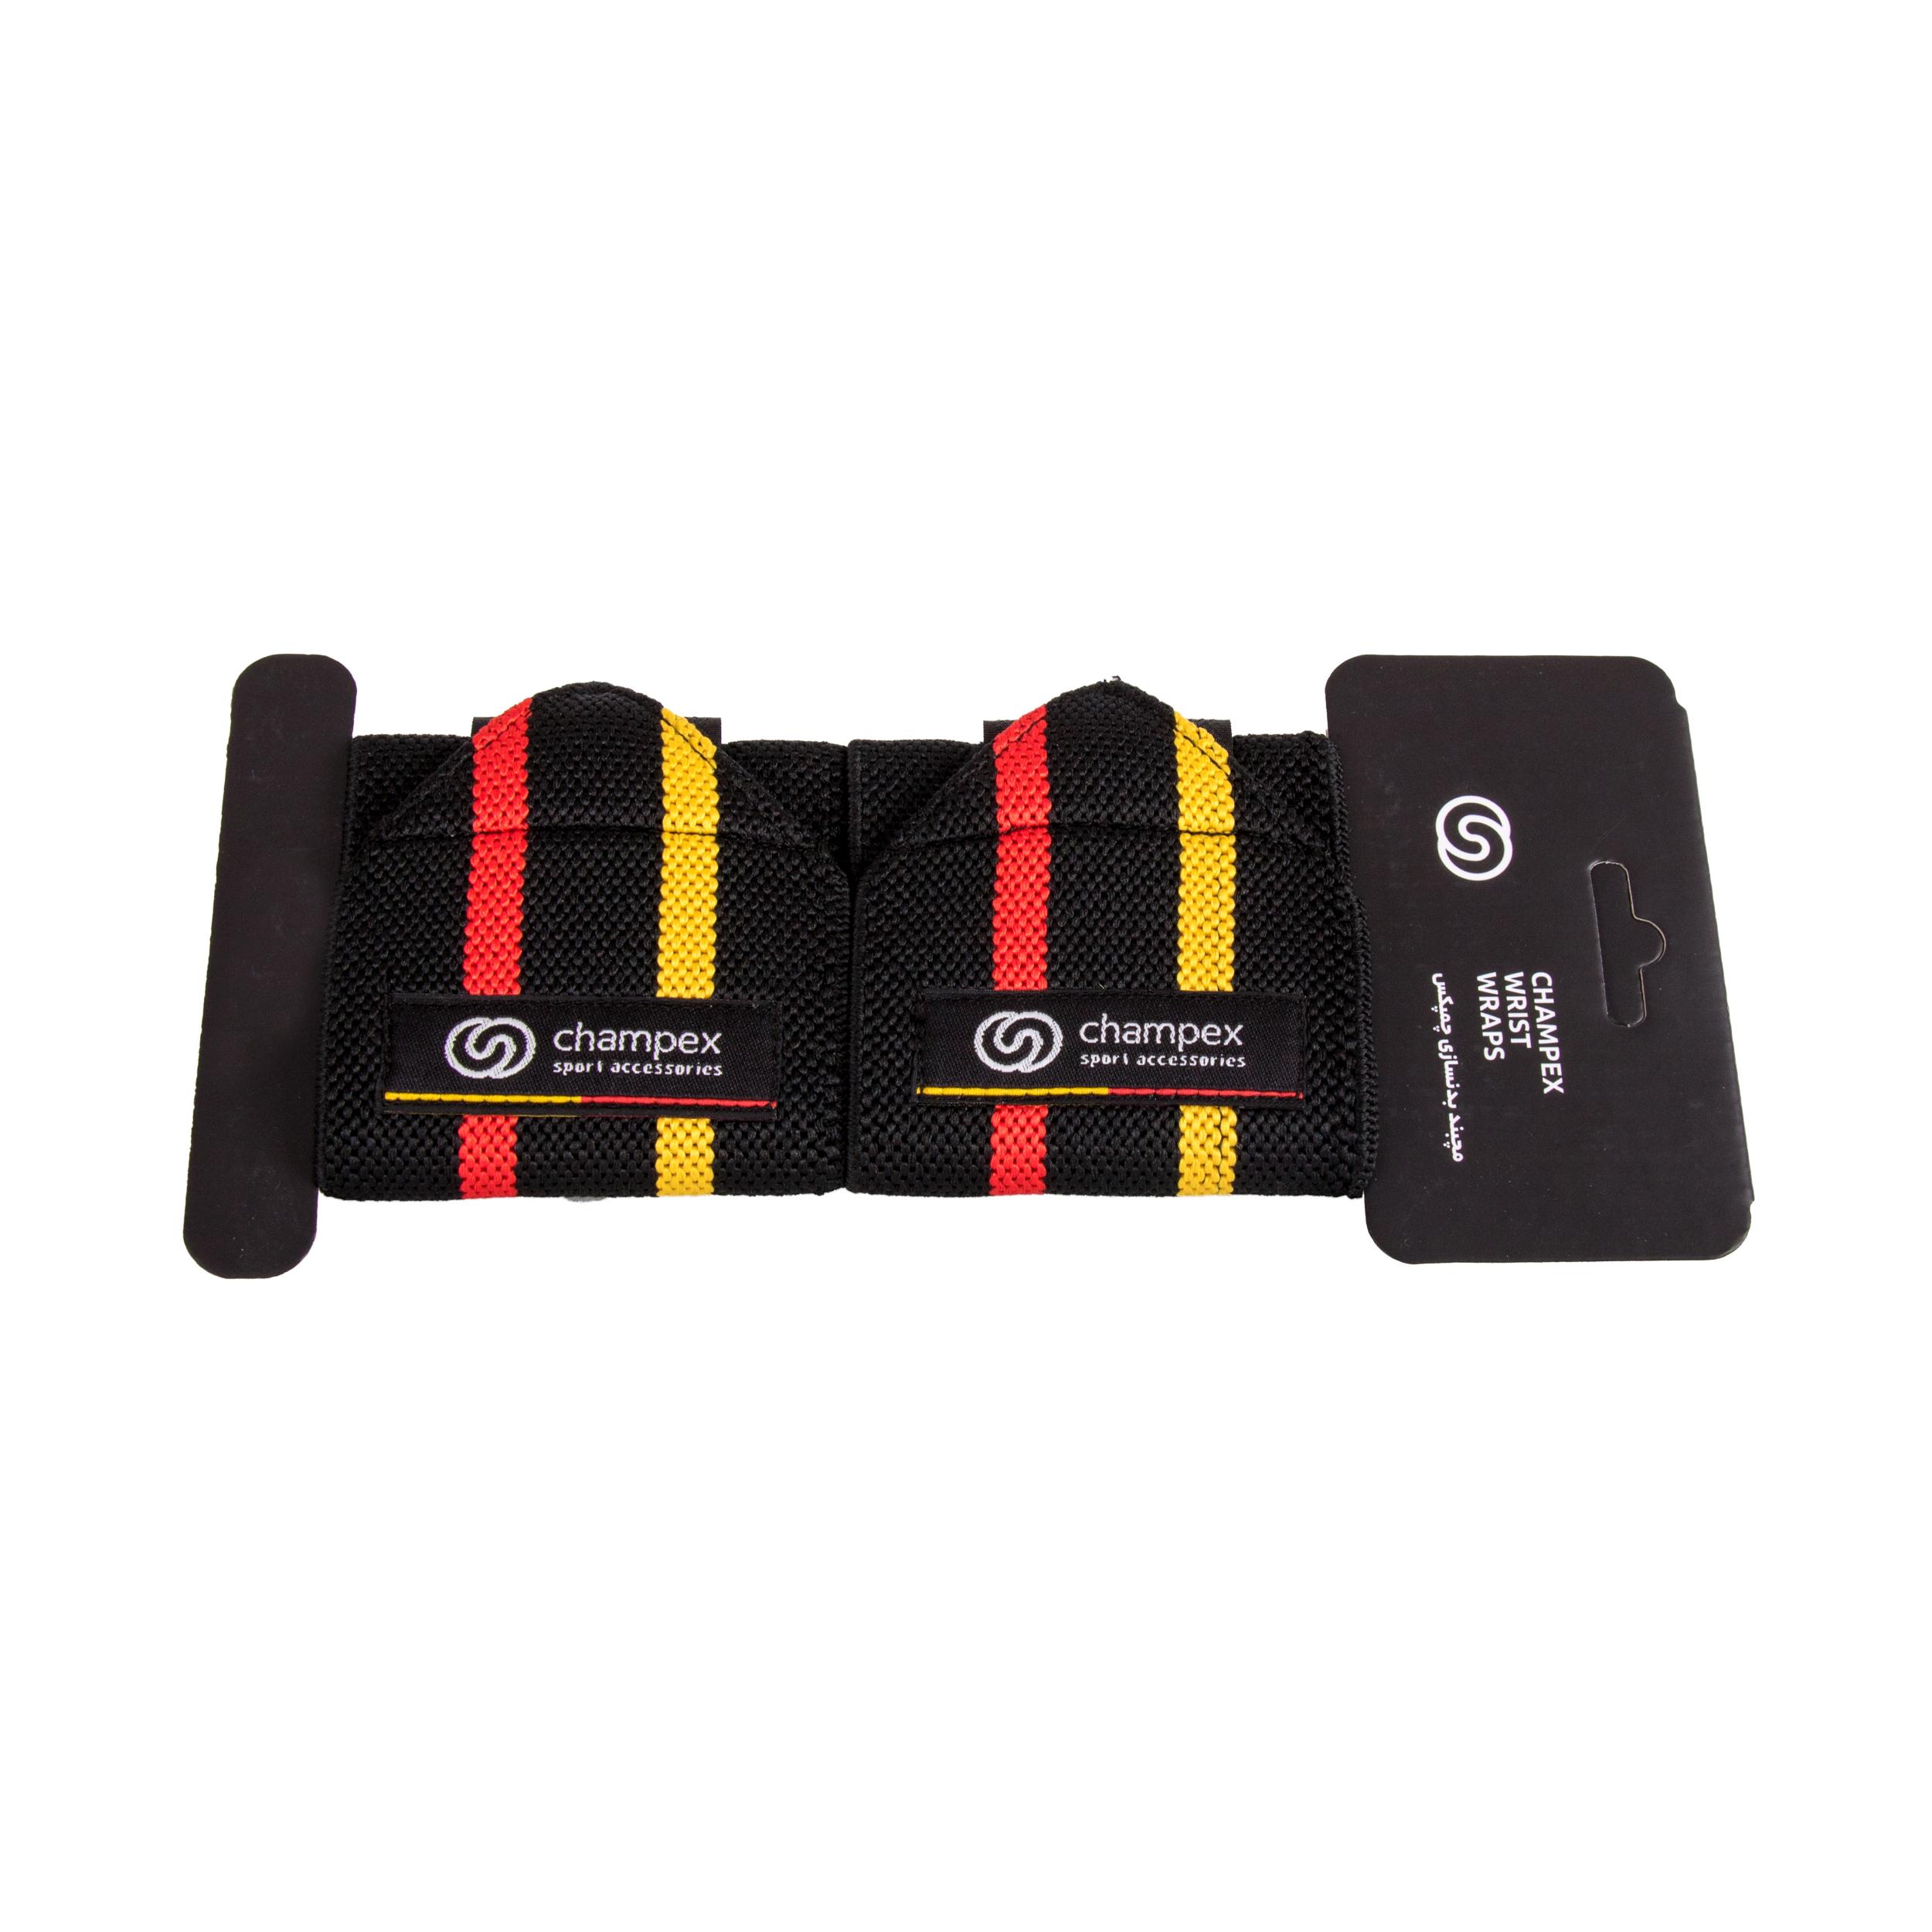 قیمت مچبند چمپکس مدل Training بسته 2 عددی